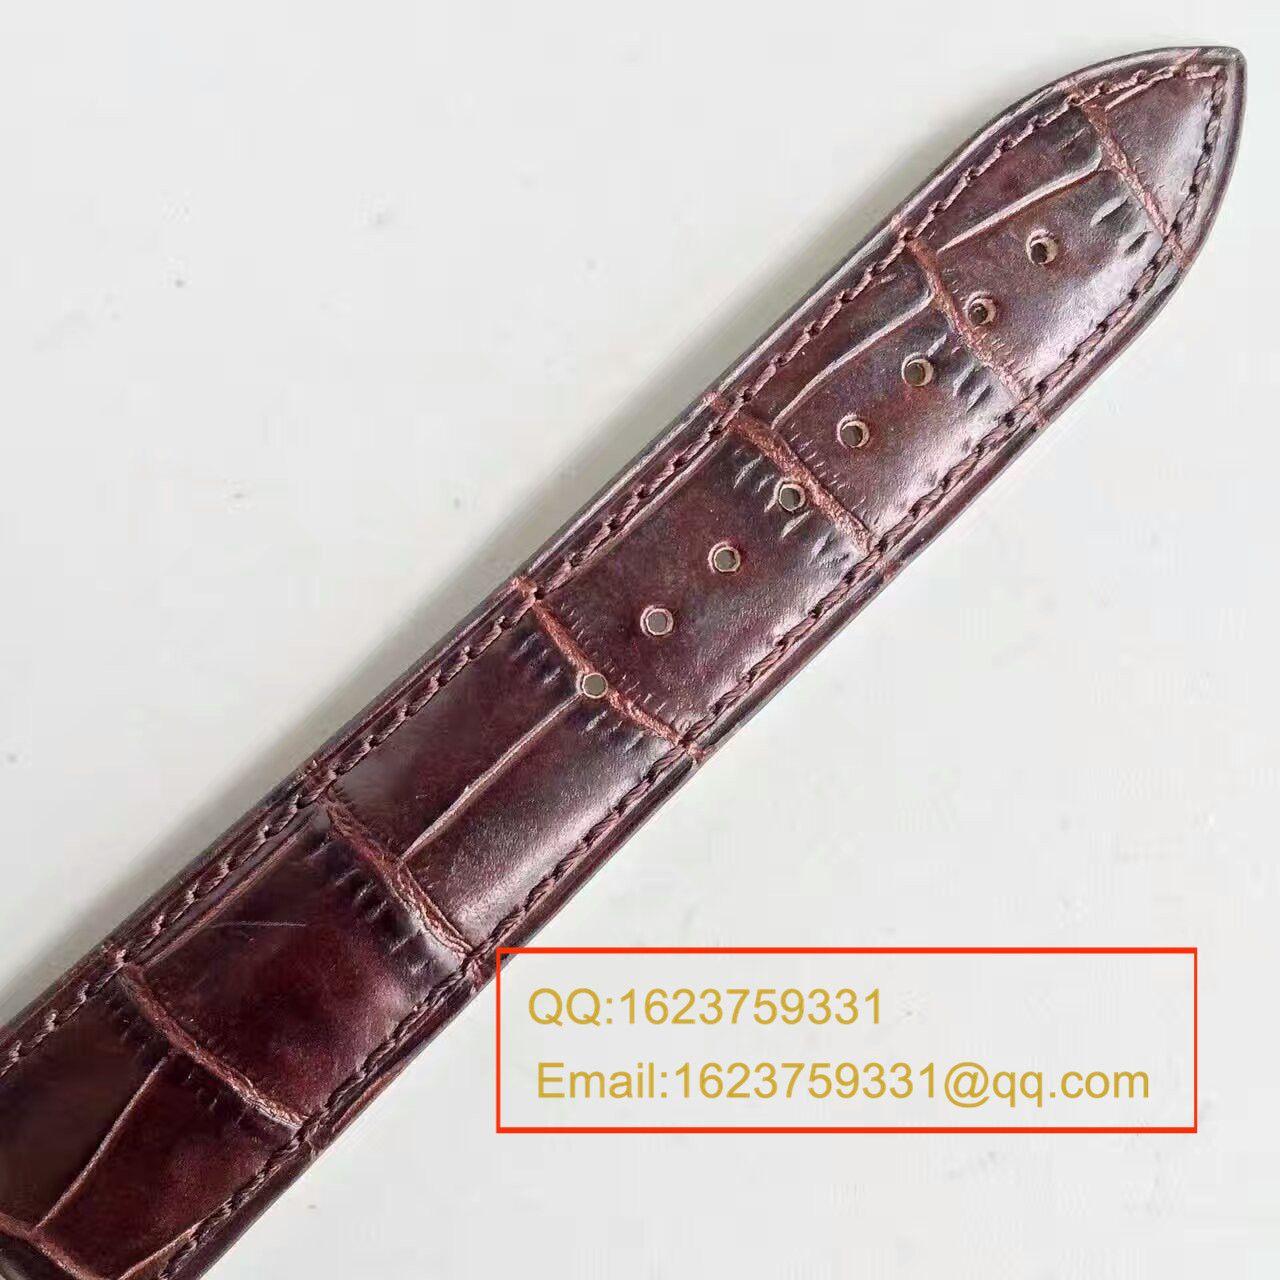 【ZF厂1:1超A高仿手表】积家大师系列Q1352420腕表 / JJ088